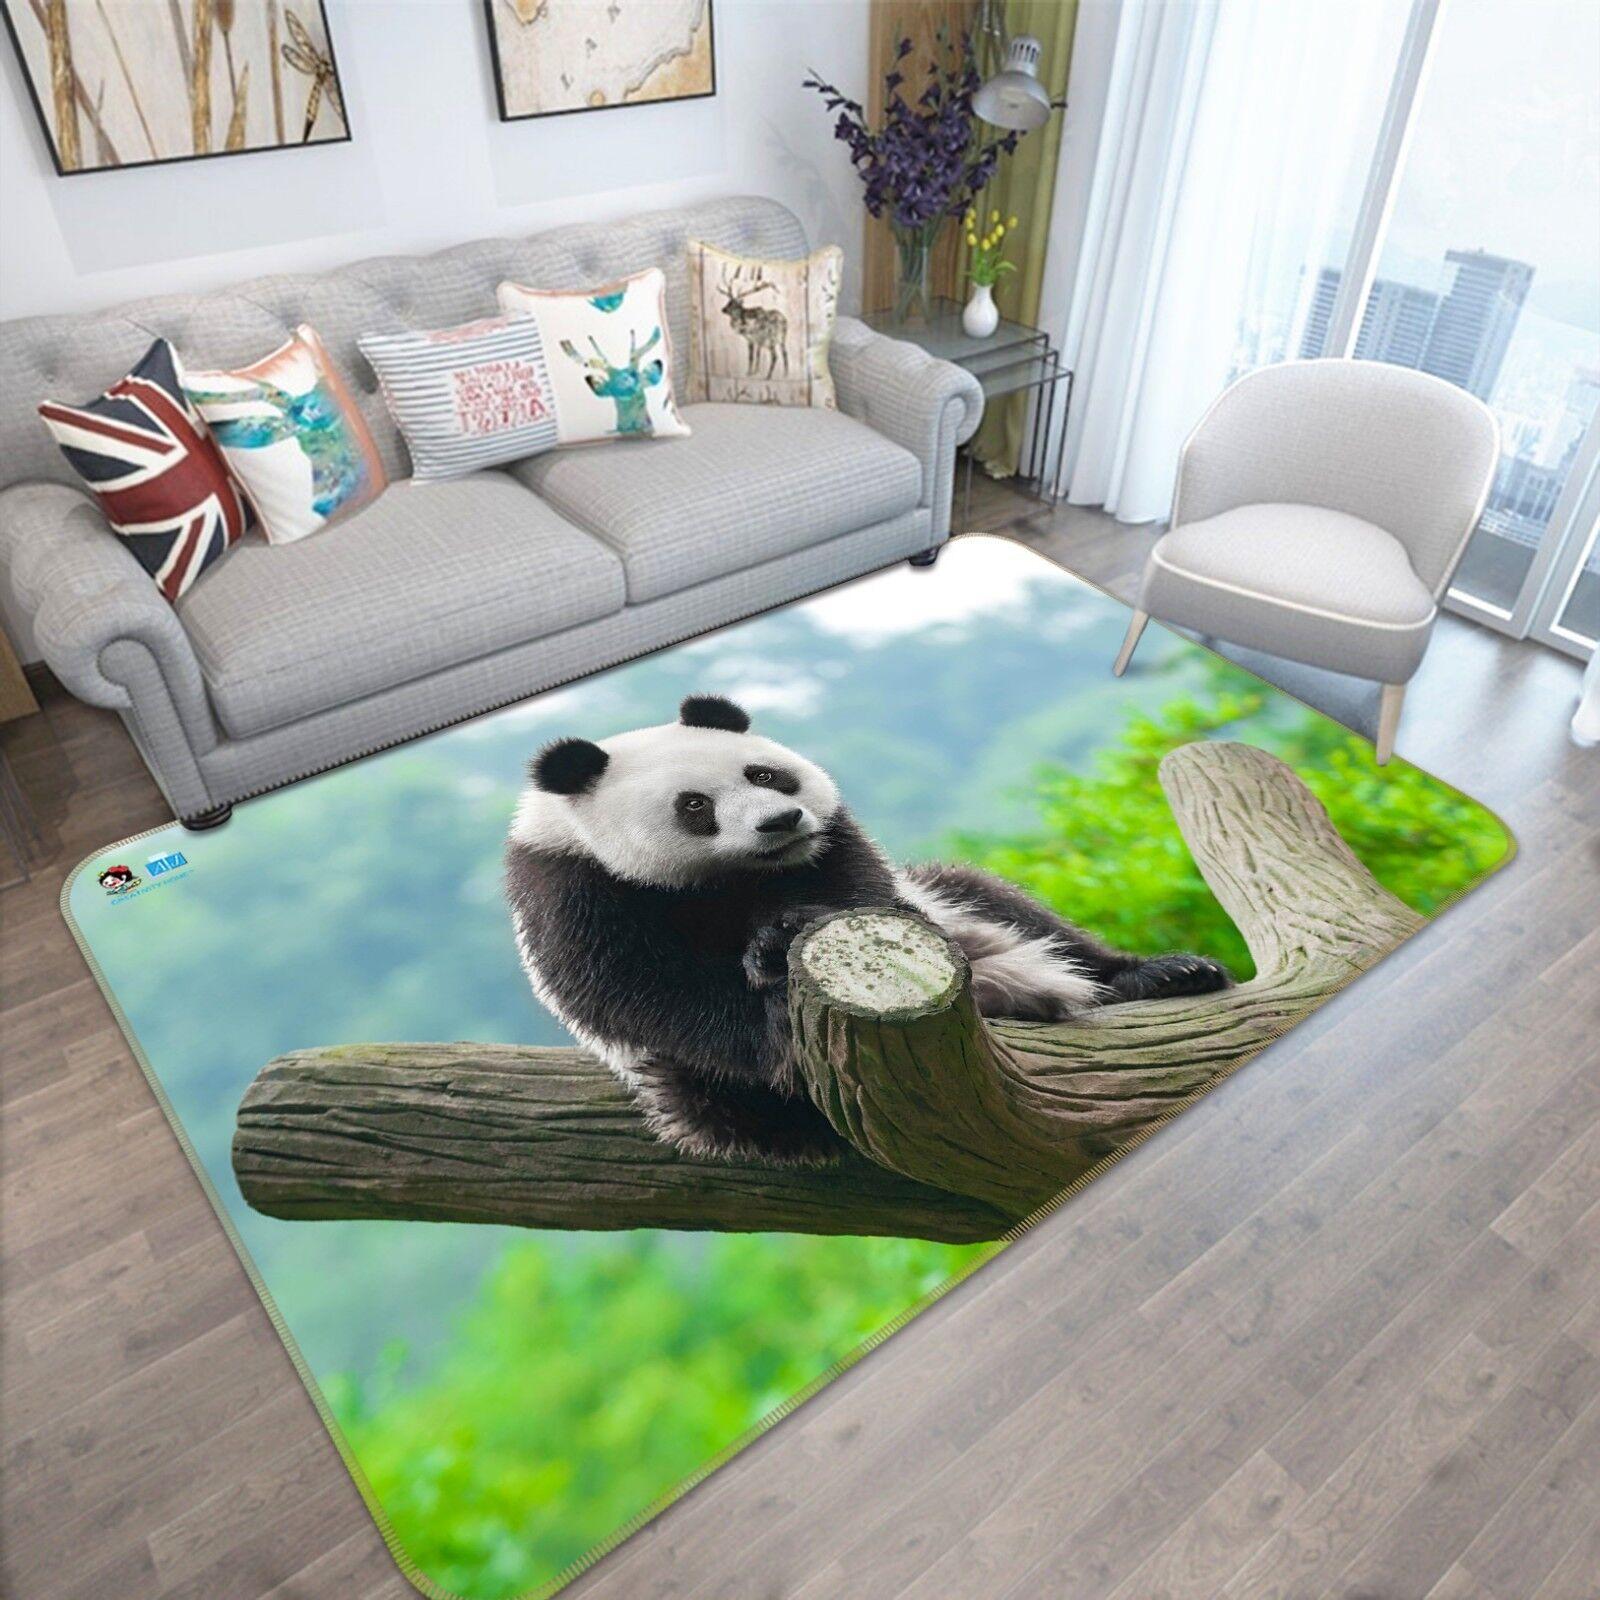 Panda tronco 3D 788 Alfombra Colchoneta Antideslizante Alfombra De Sala Elegante De Calidad Foto Alfombra